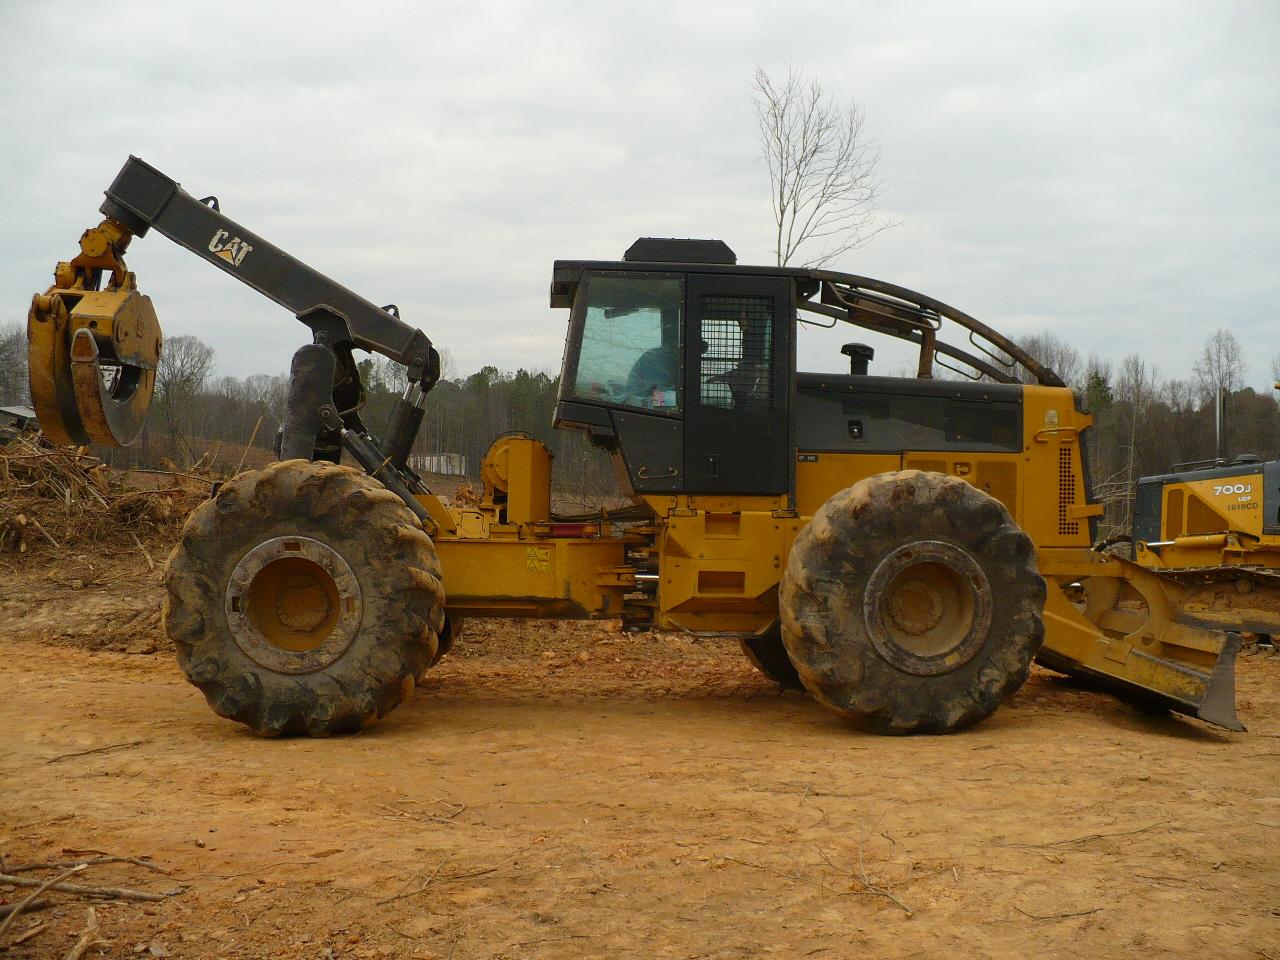 Equipment :: 545c Caterpillar Dual Arch Skidder :: Lanier